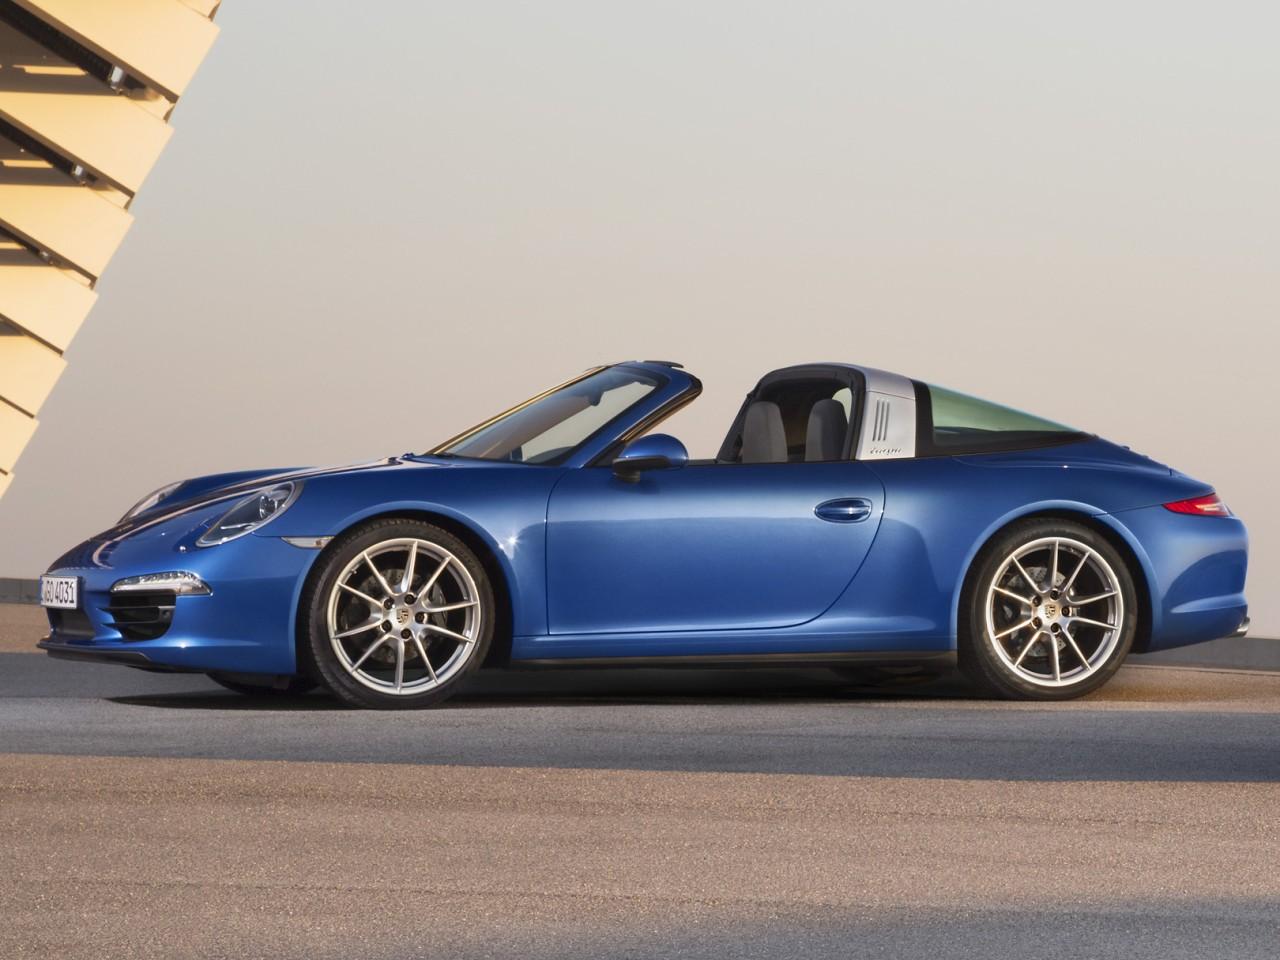 ポルシェ 911タルガ 2014年モデル 新車画像